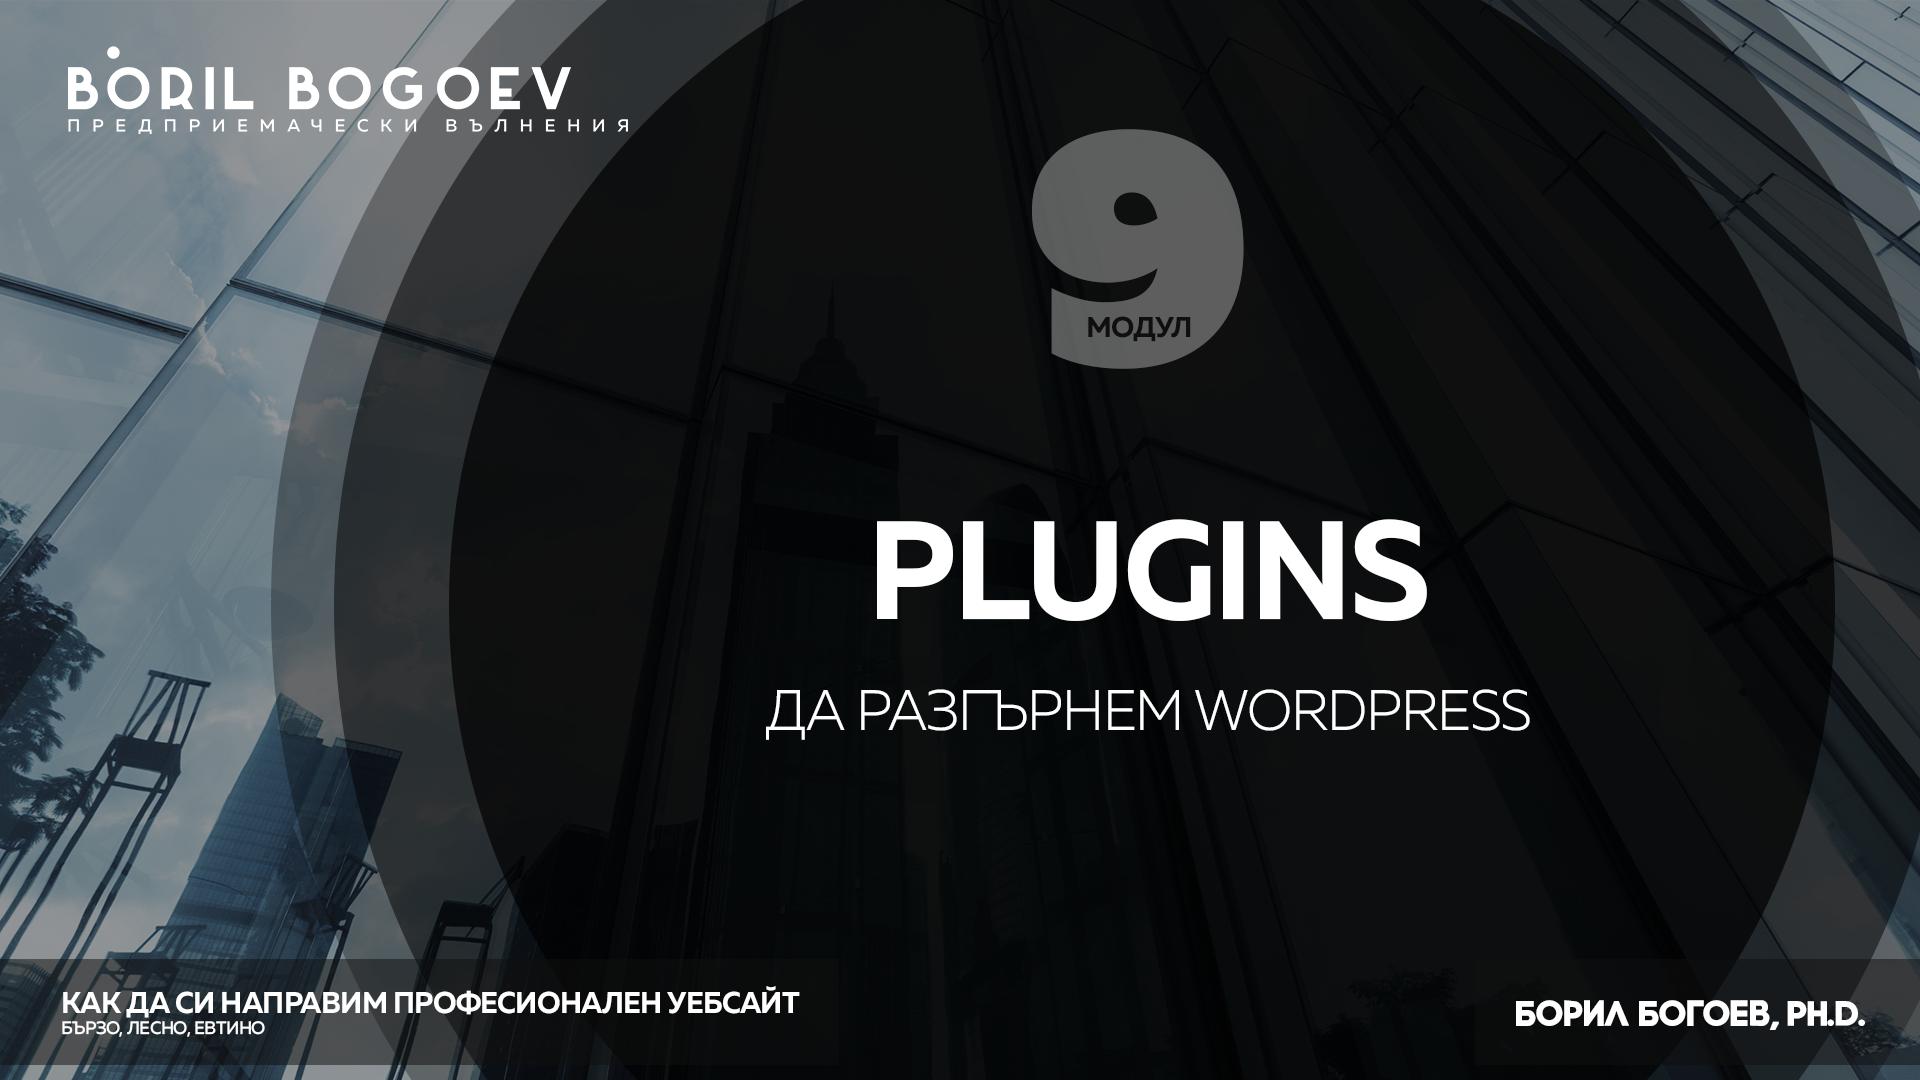 hmpw-presentation-module9-plugins